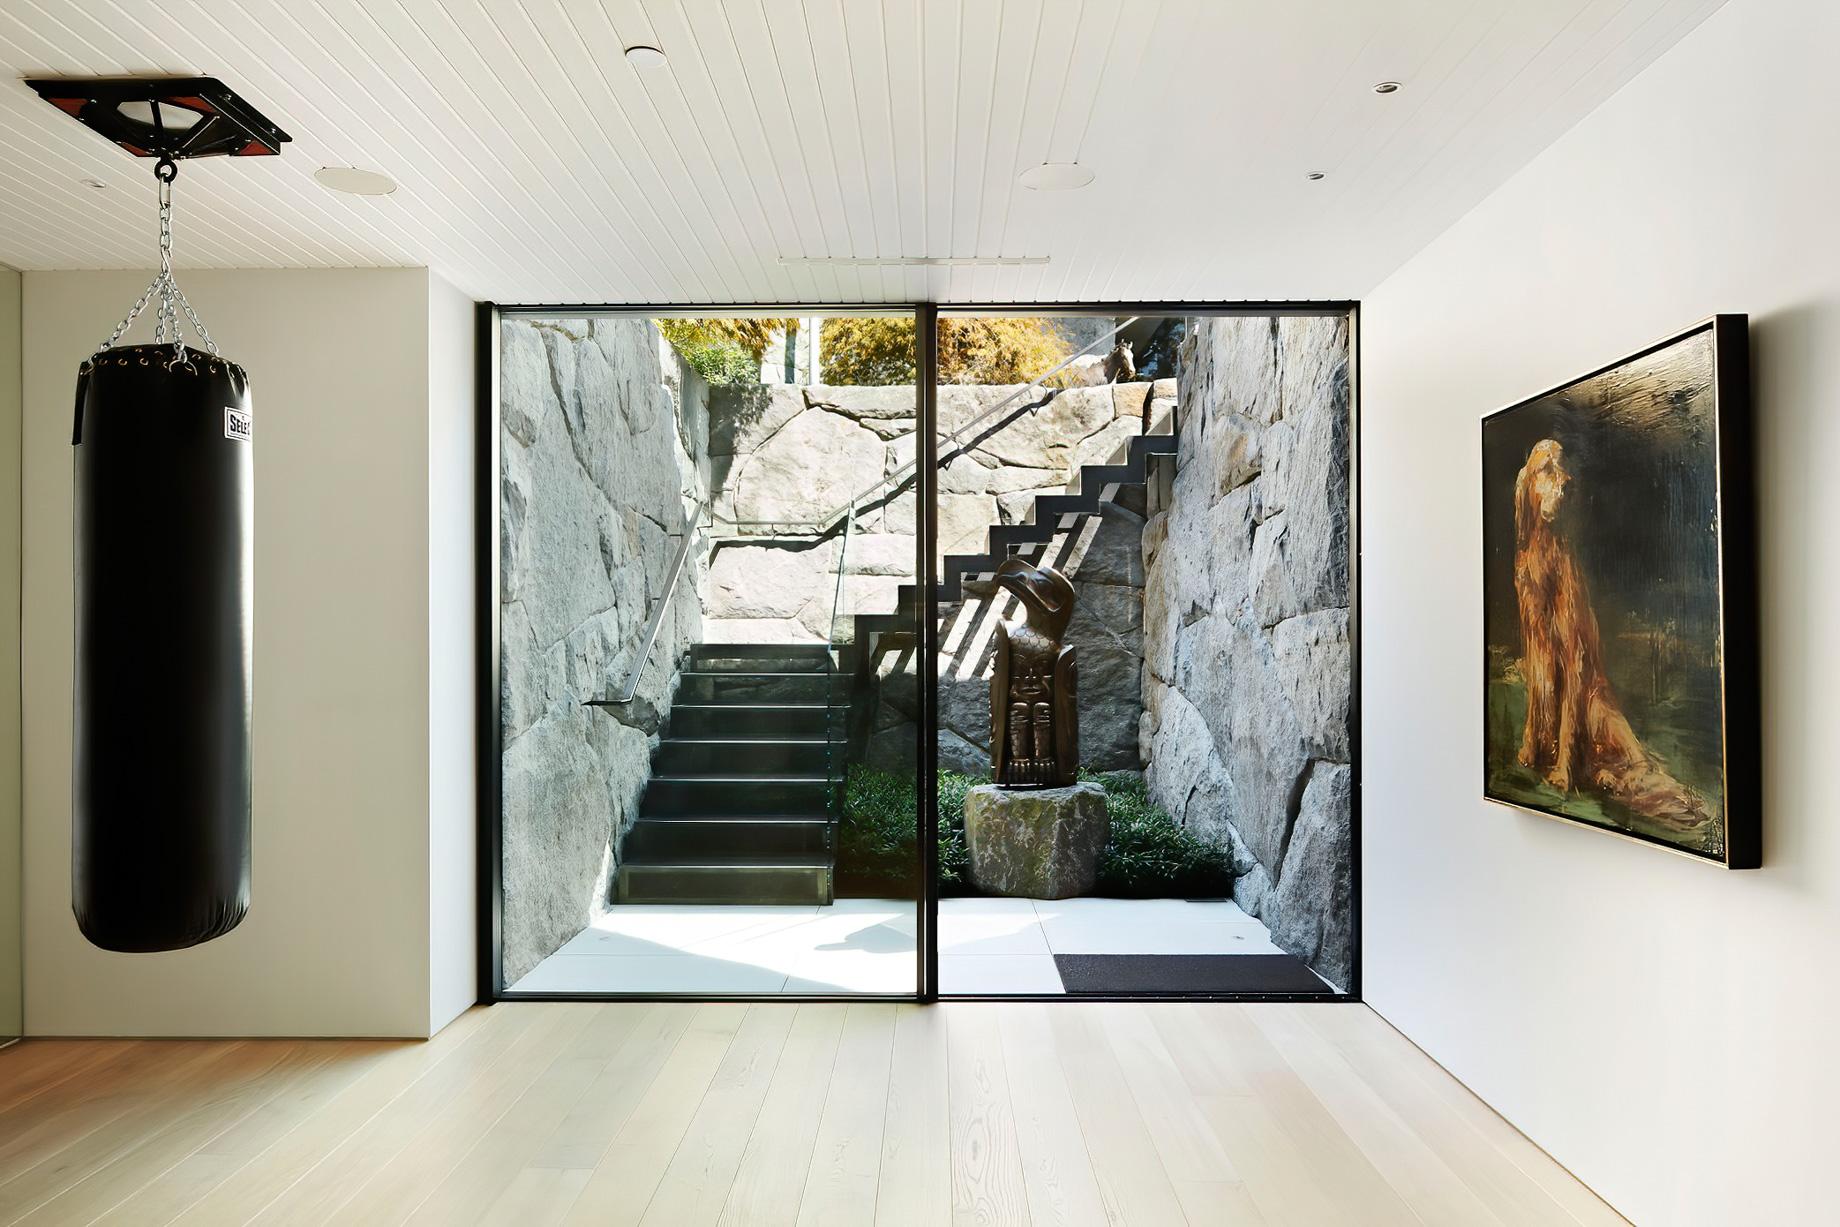 Sculpture Garden Gallery House Estate – Vancouver, BC, Canada